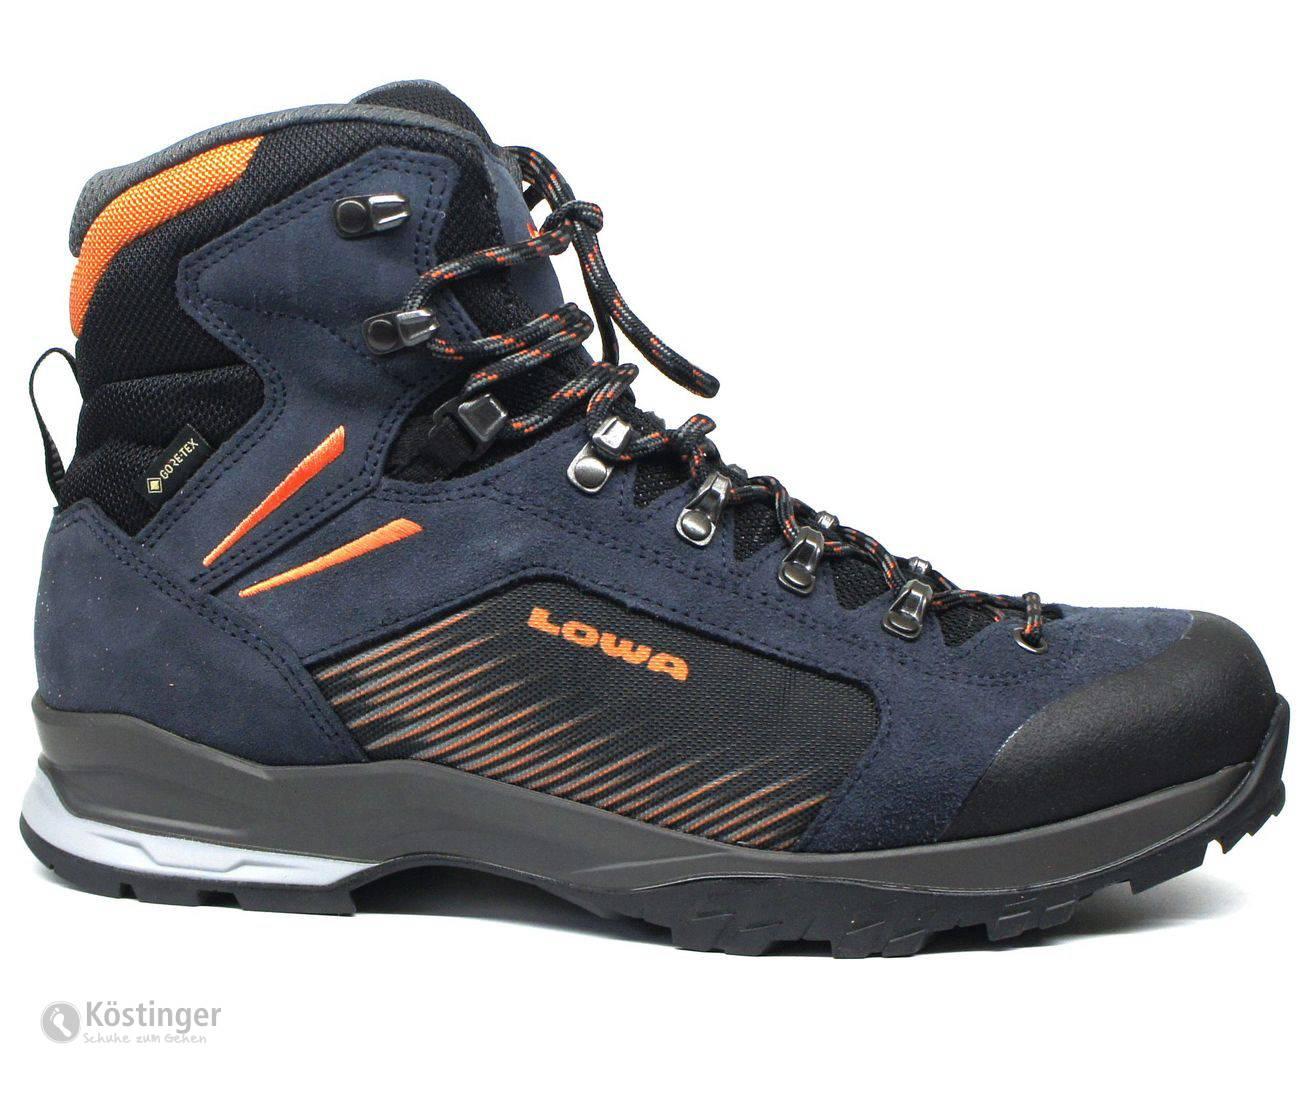 Lowa Vigo GTX - 4830